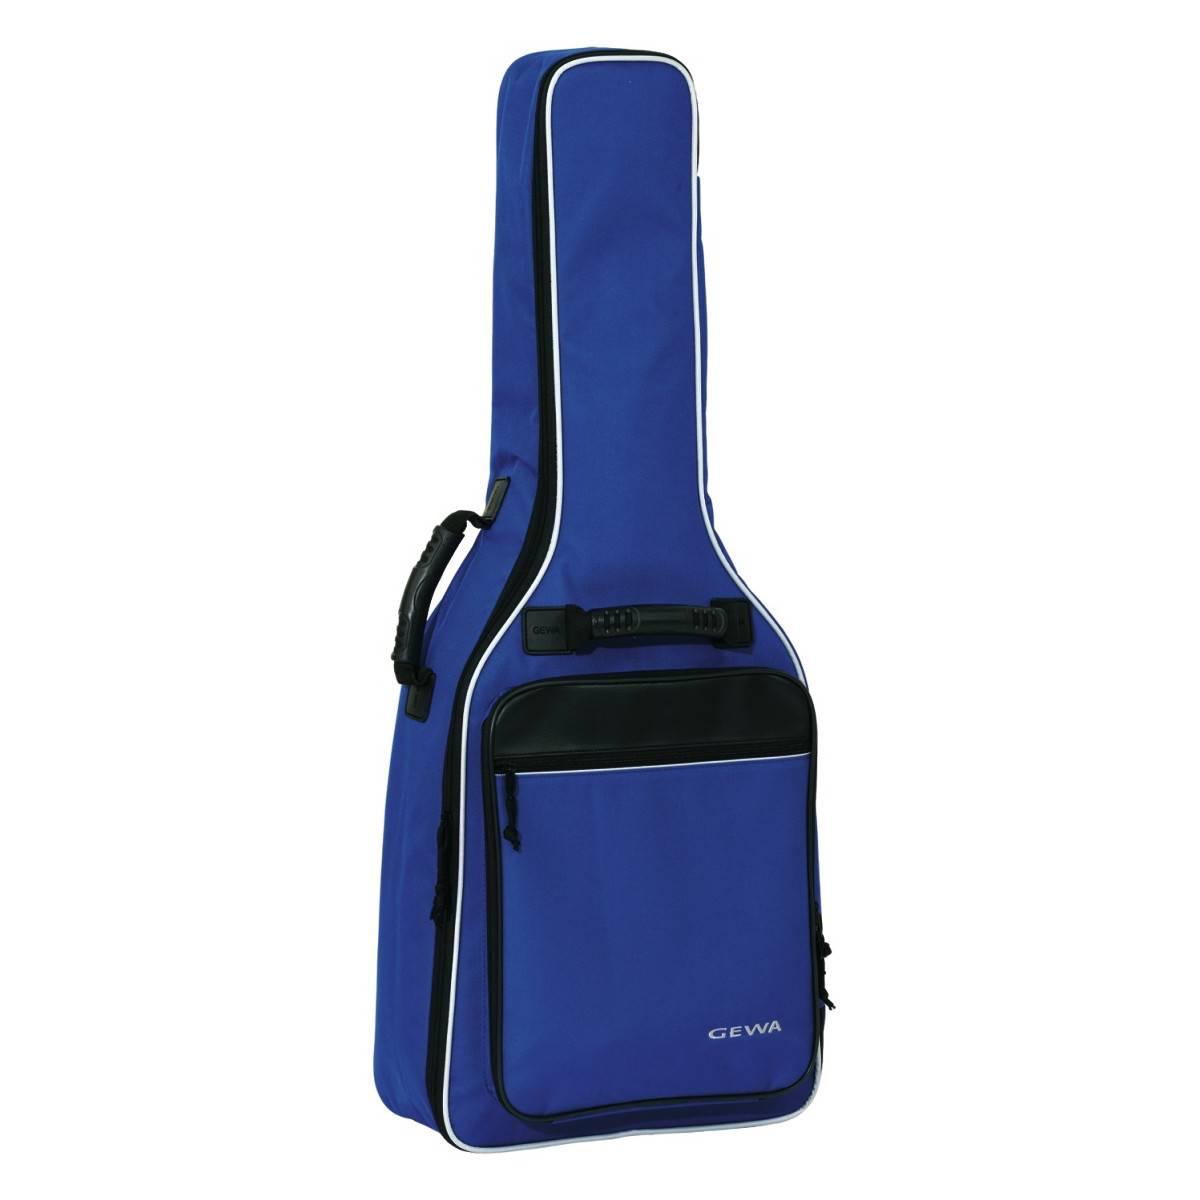 Gewa Housse guitare Bleu 1/2 Economy 12